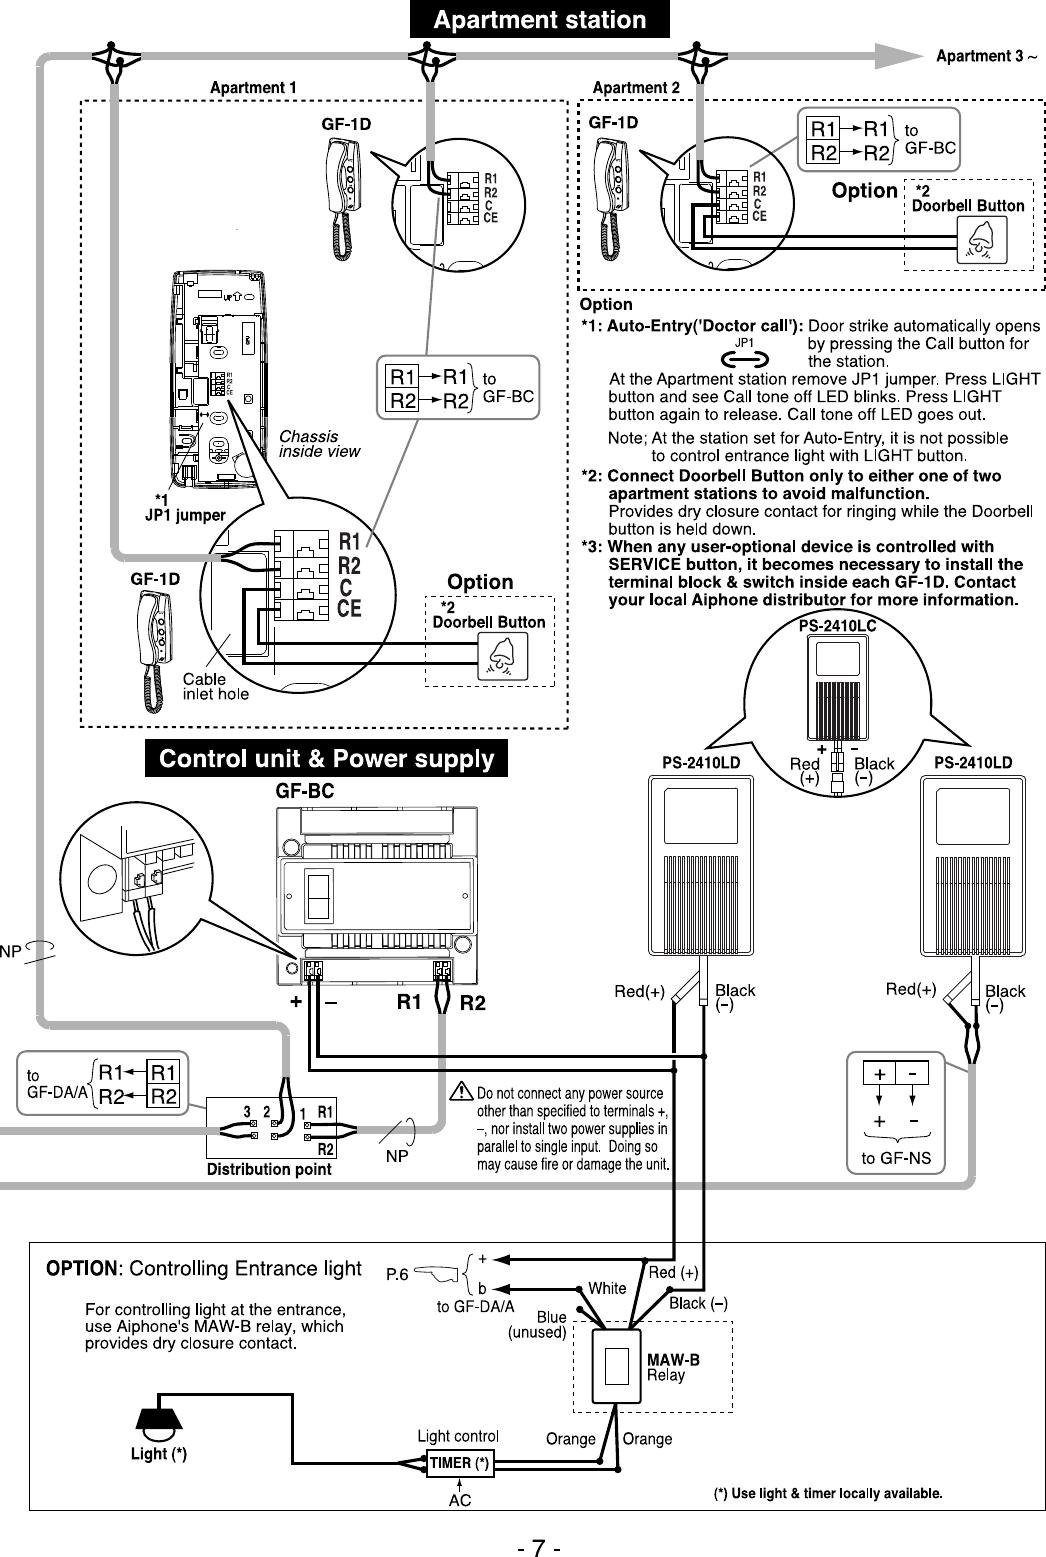 aiphone wiring diagram gf